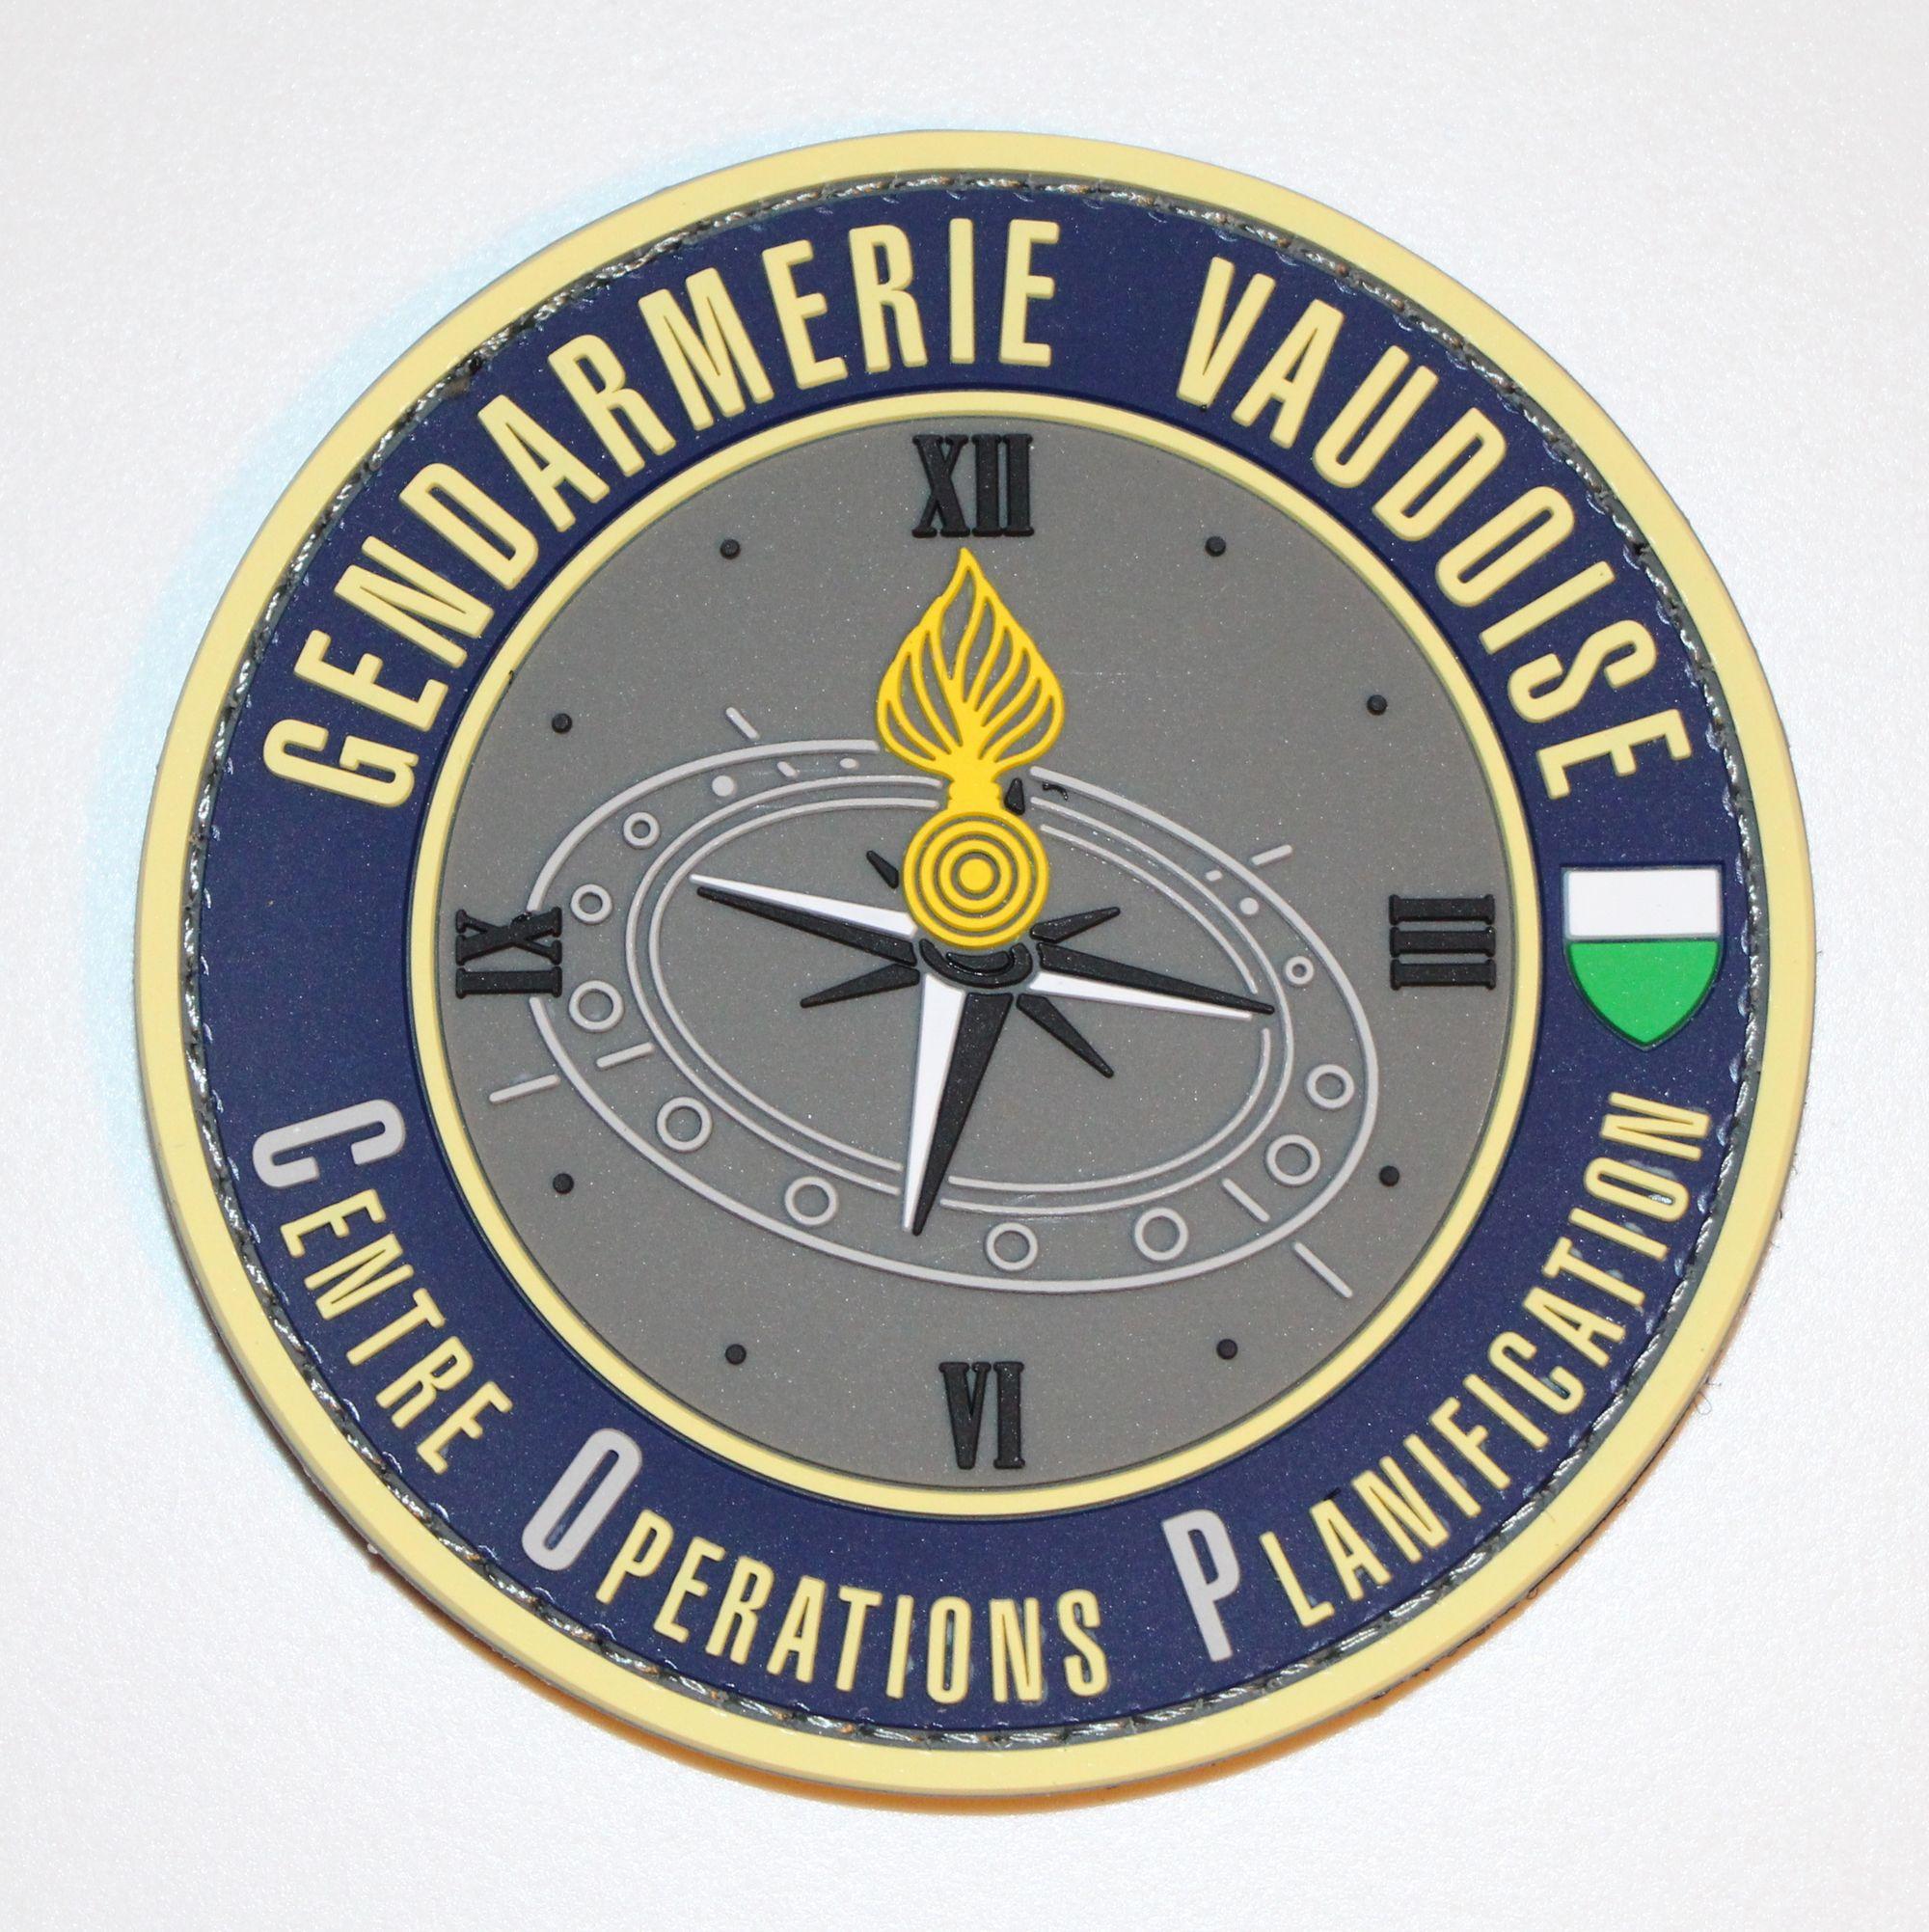 Centre opération planification COP